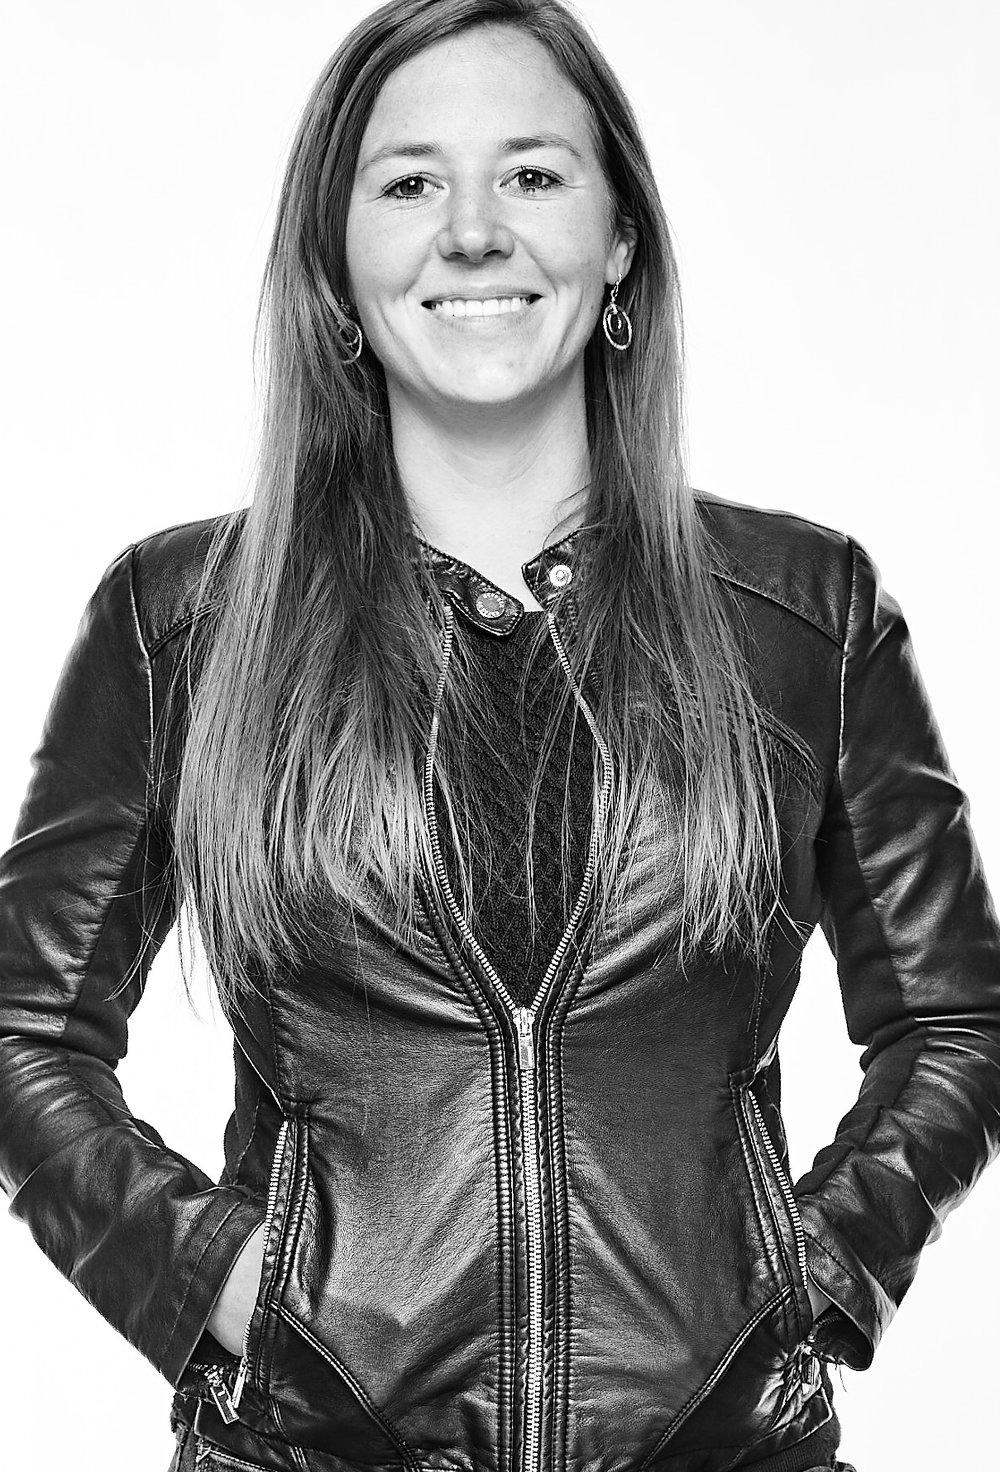 April Wilkerson